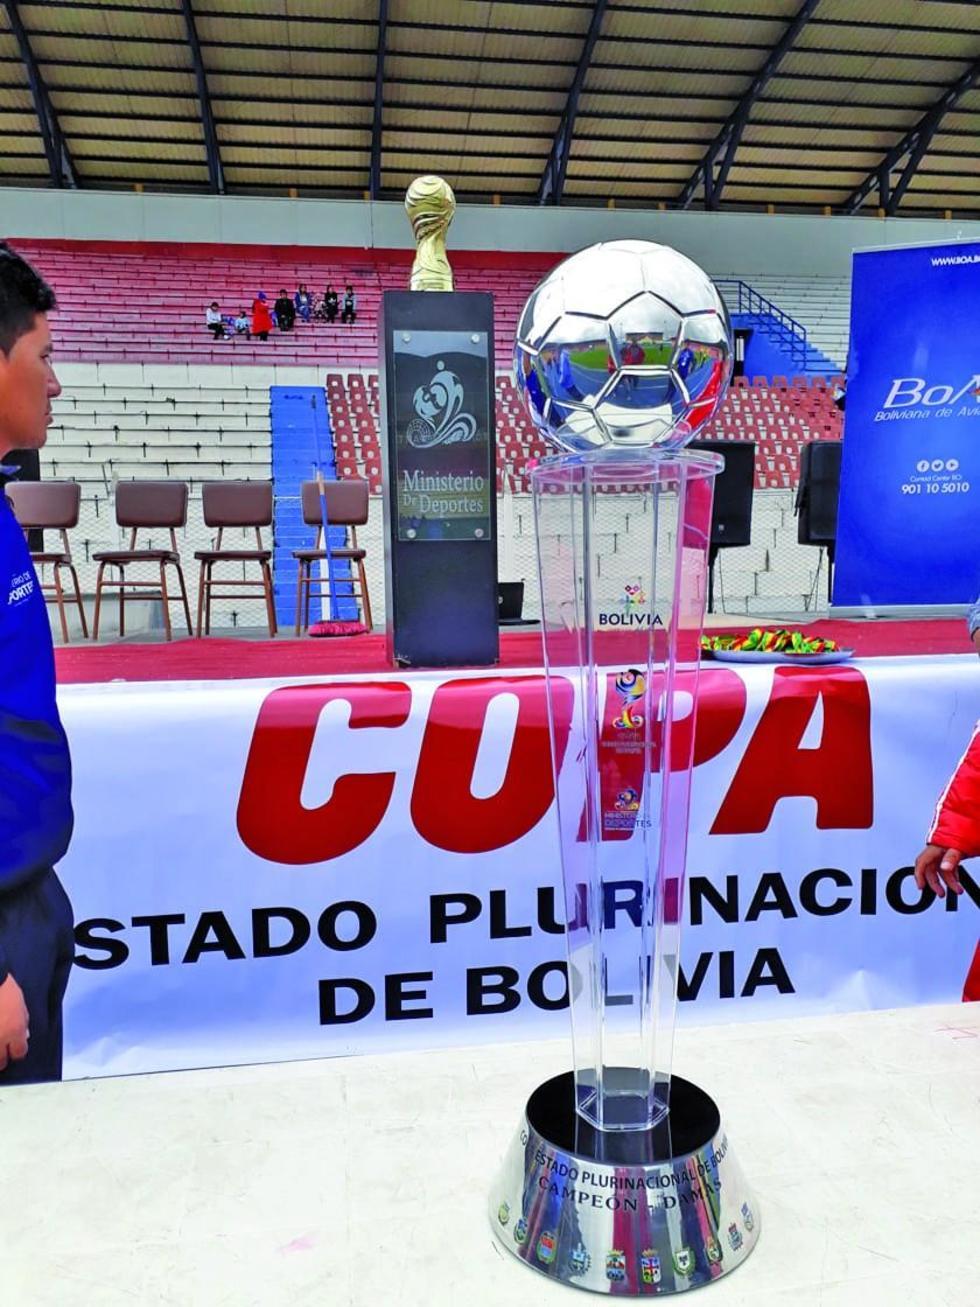 La copa y el trofeo rotativo del torneo.